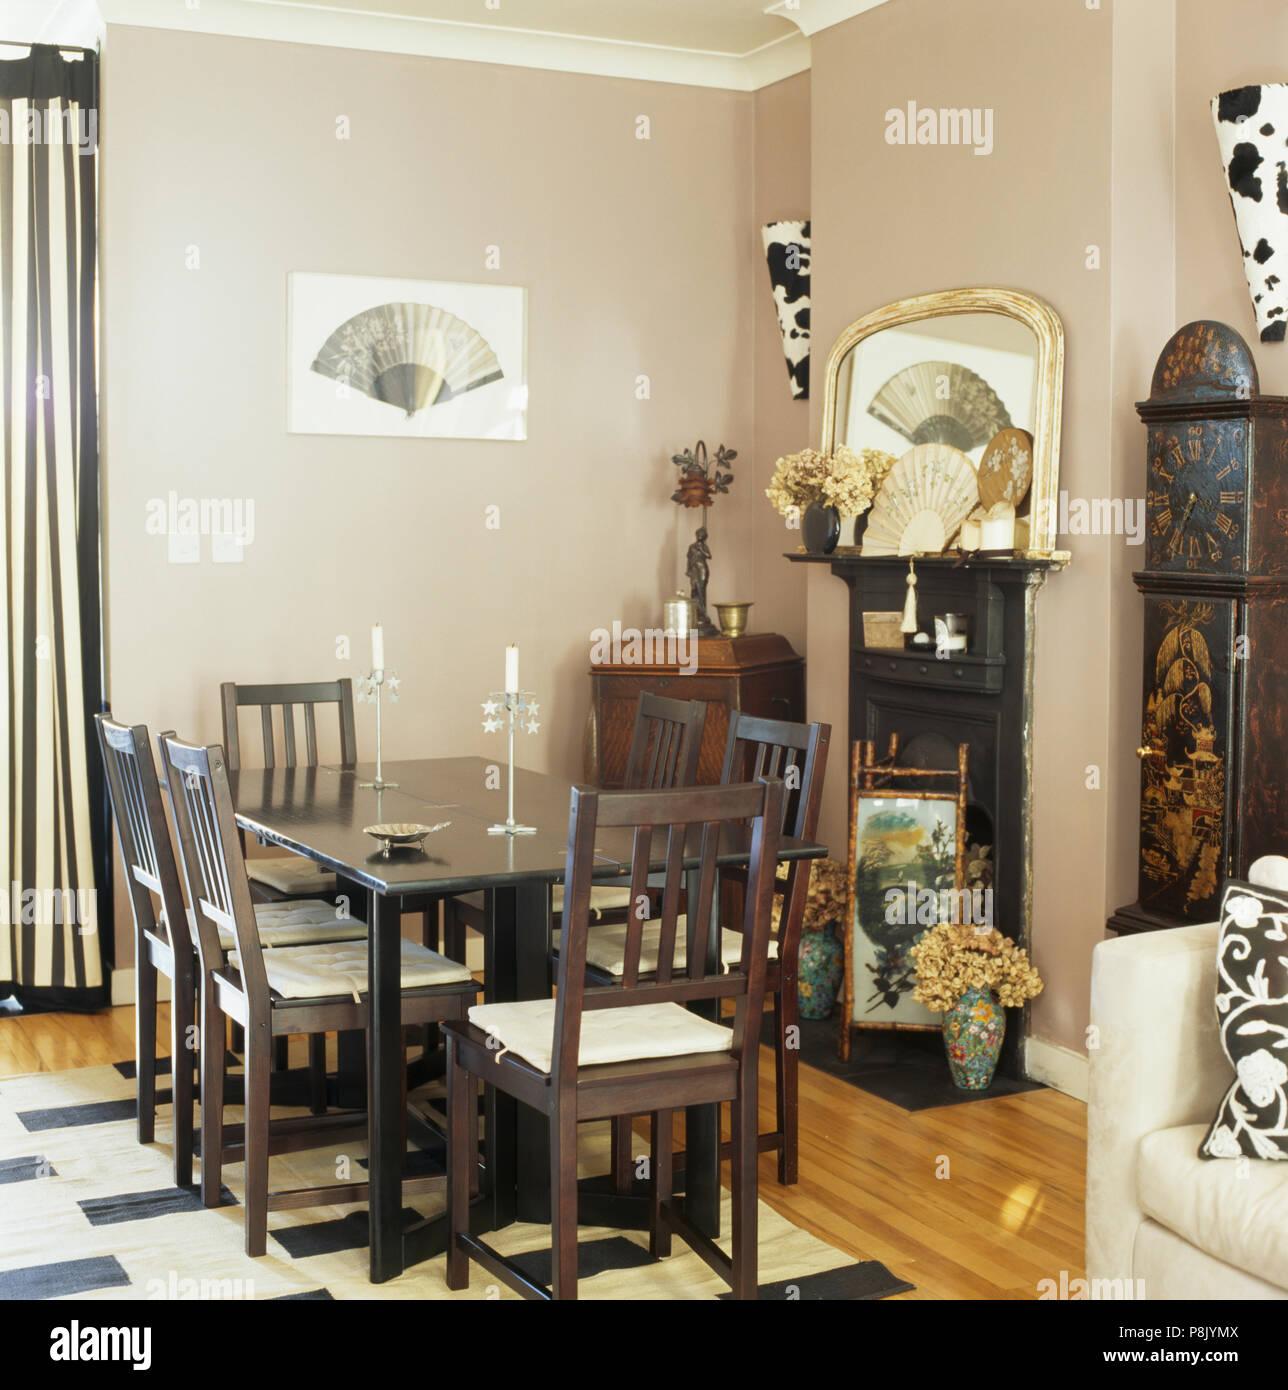 Dunkelbraune Stuhle Und Tisch In Hellem Grau Esszimmer Mit